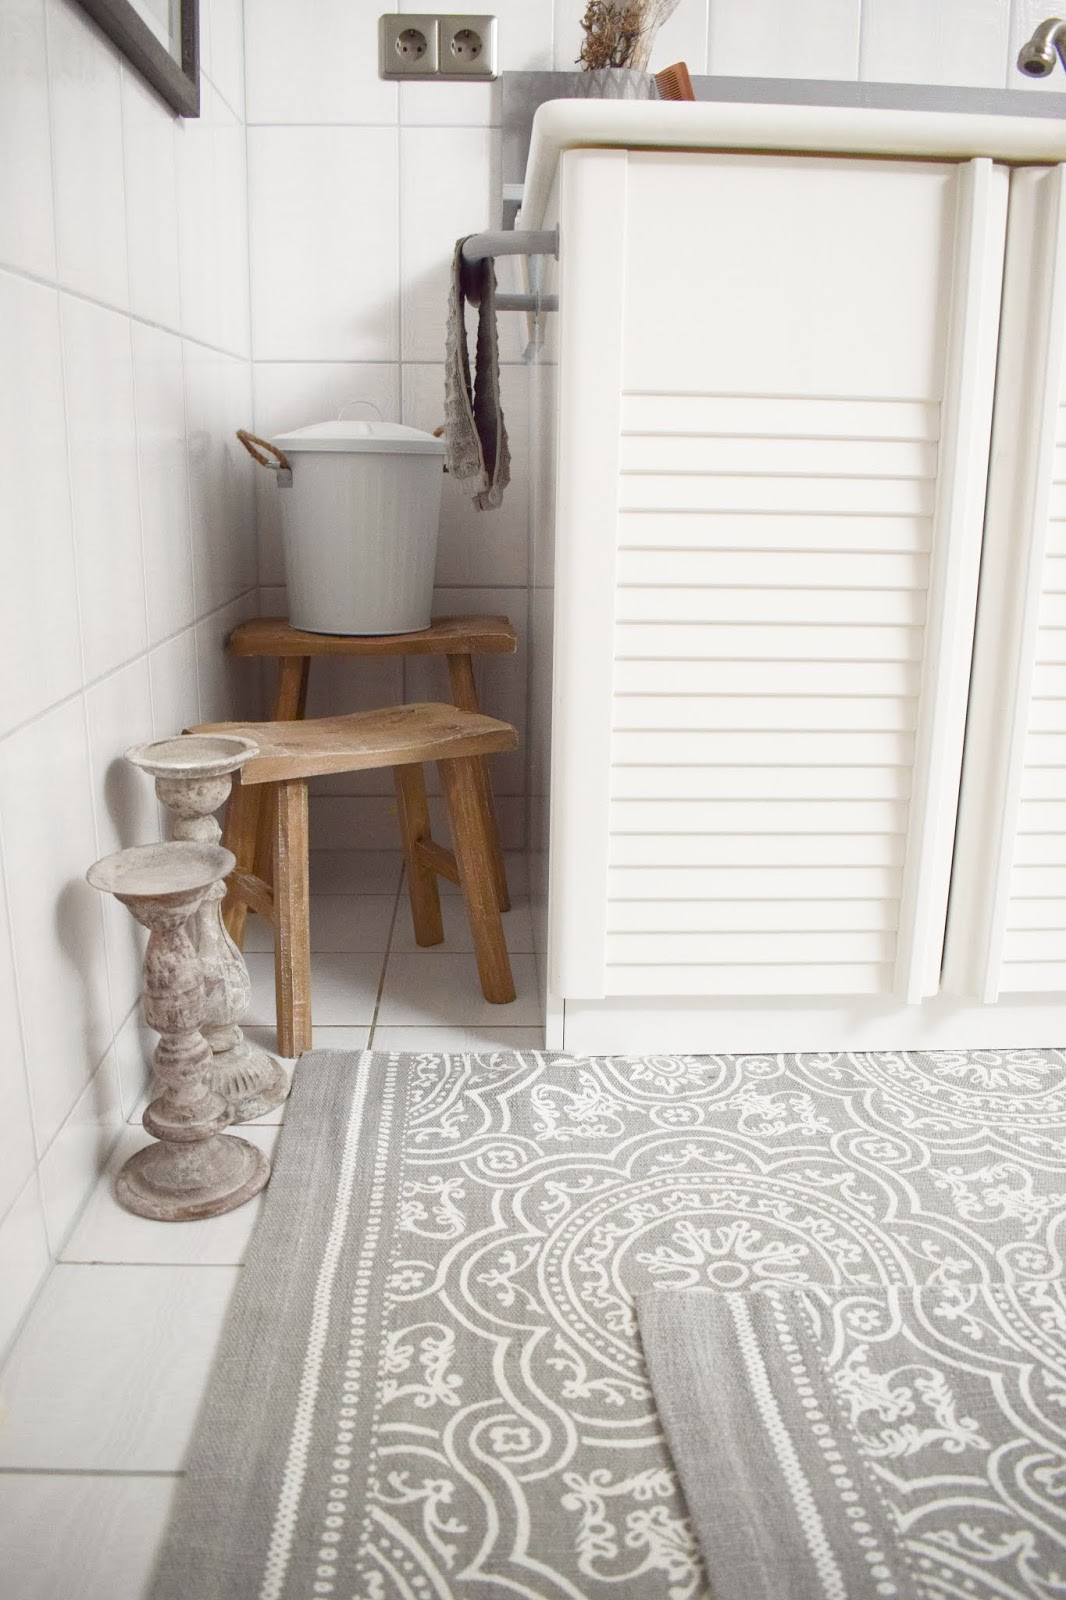 Badteppich Dekoidee Deko alte Fliesen. Teppiche aus Baumwolle für dein Bad. Verschönerung Badezimmer mit einfachen Mitteln